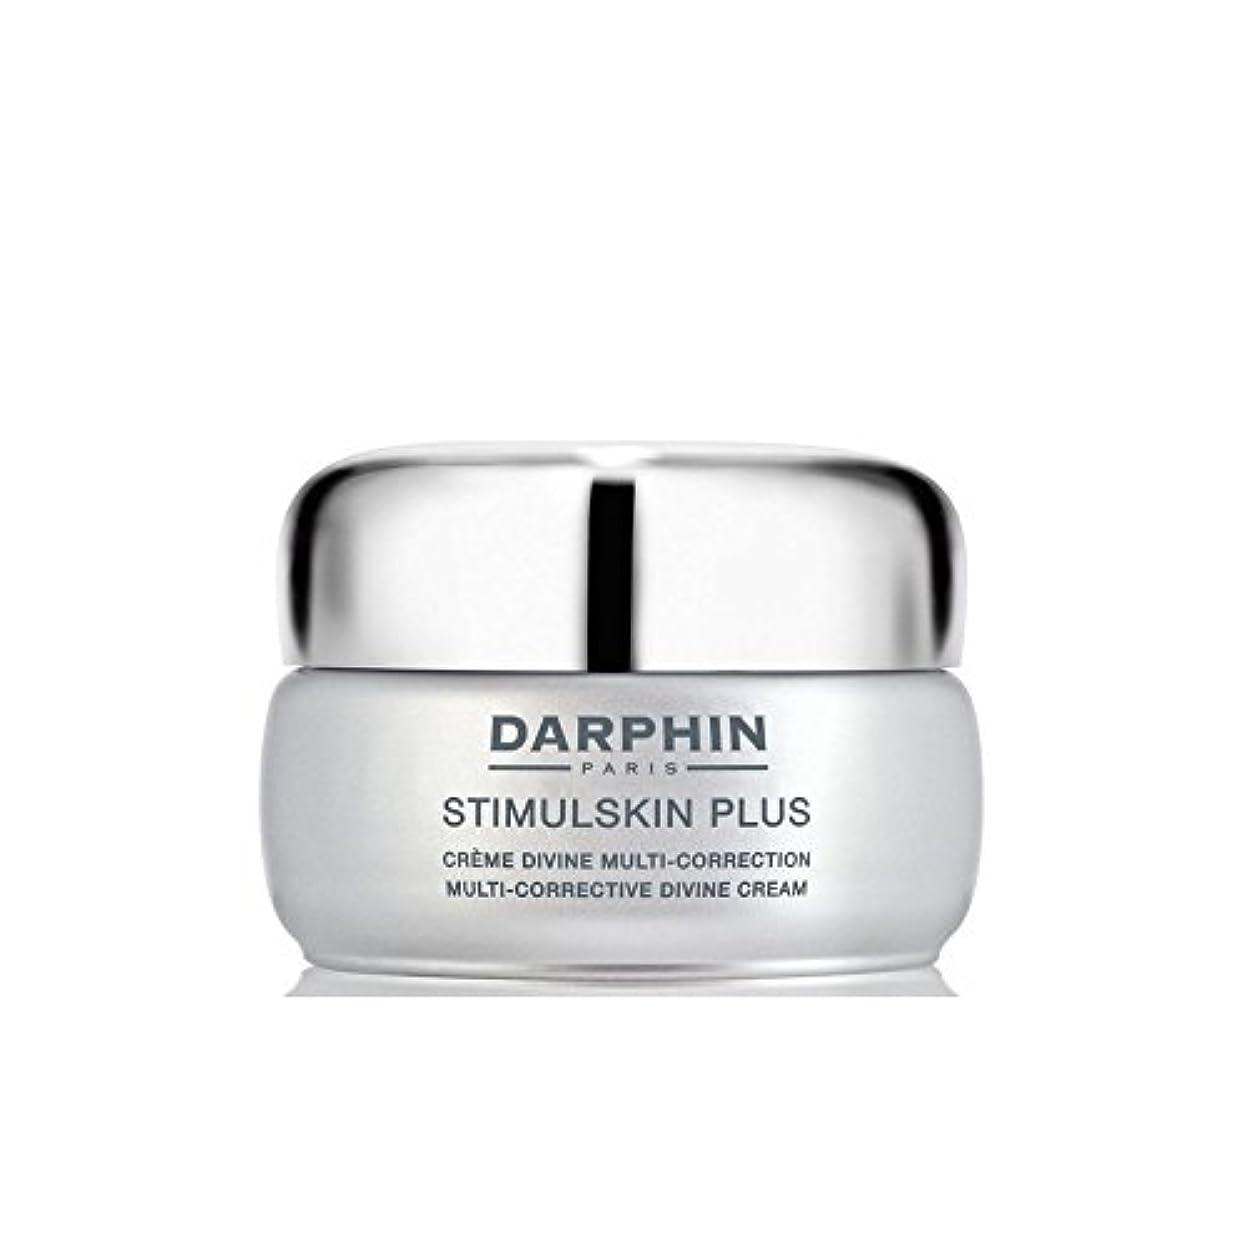 相続人四分円枢機卿Darphin Stimulskin Plus Multi-Corrective Divine Cream - Rich - ダルファンスティプラスマルチ是正神クリーム - 豊富 [並行輸入品]